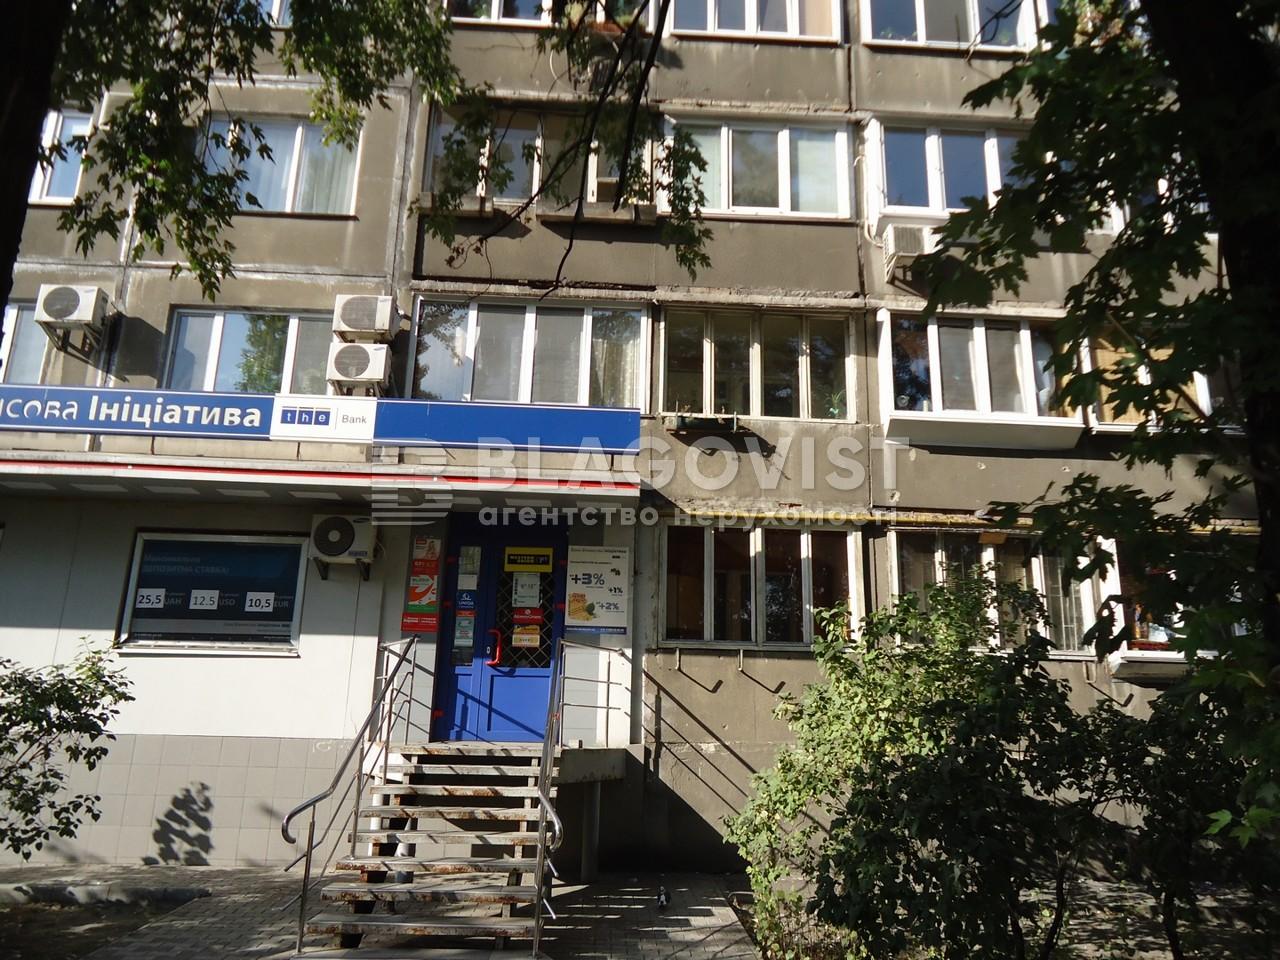 Квартира D-11383, Миропольская, 3, Киев - Фото 3